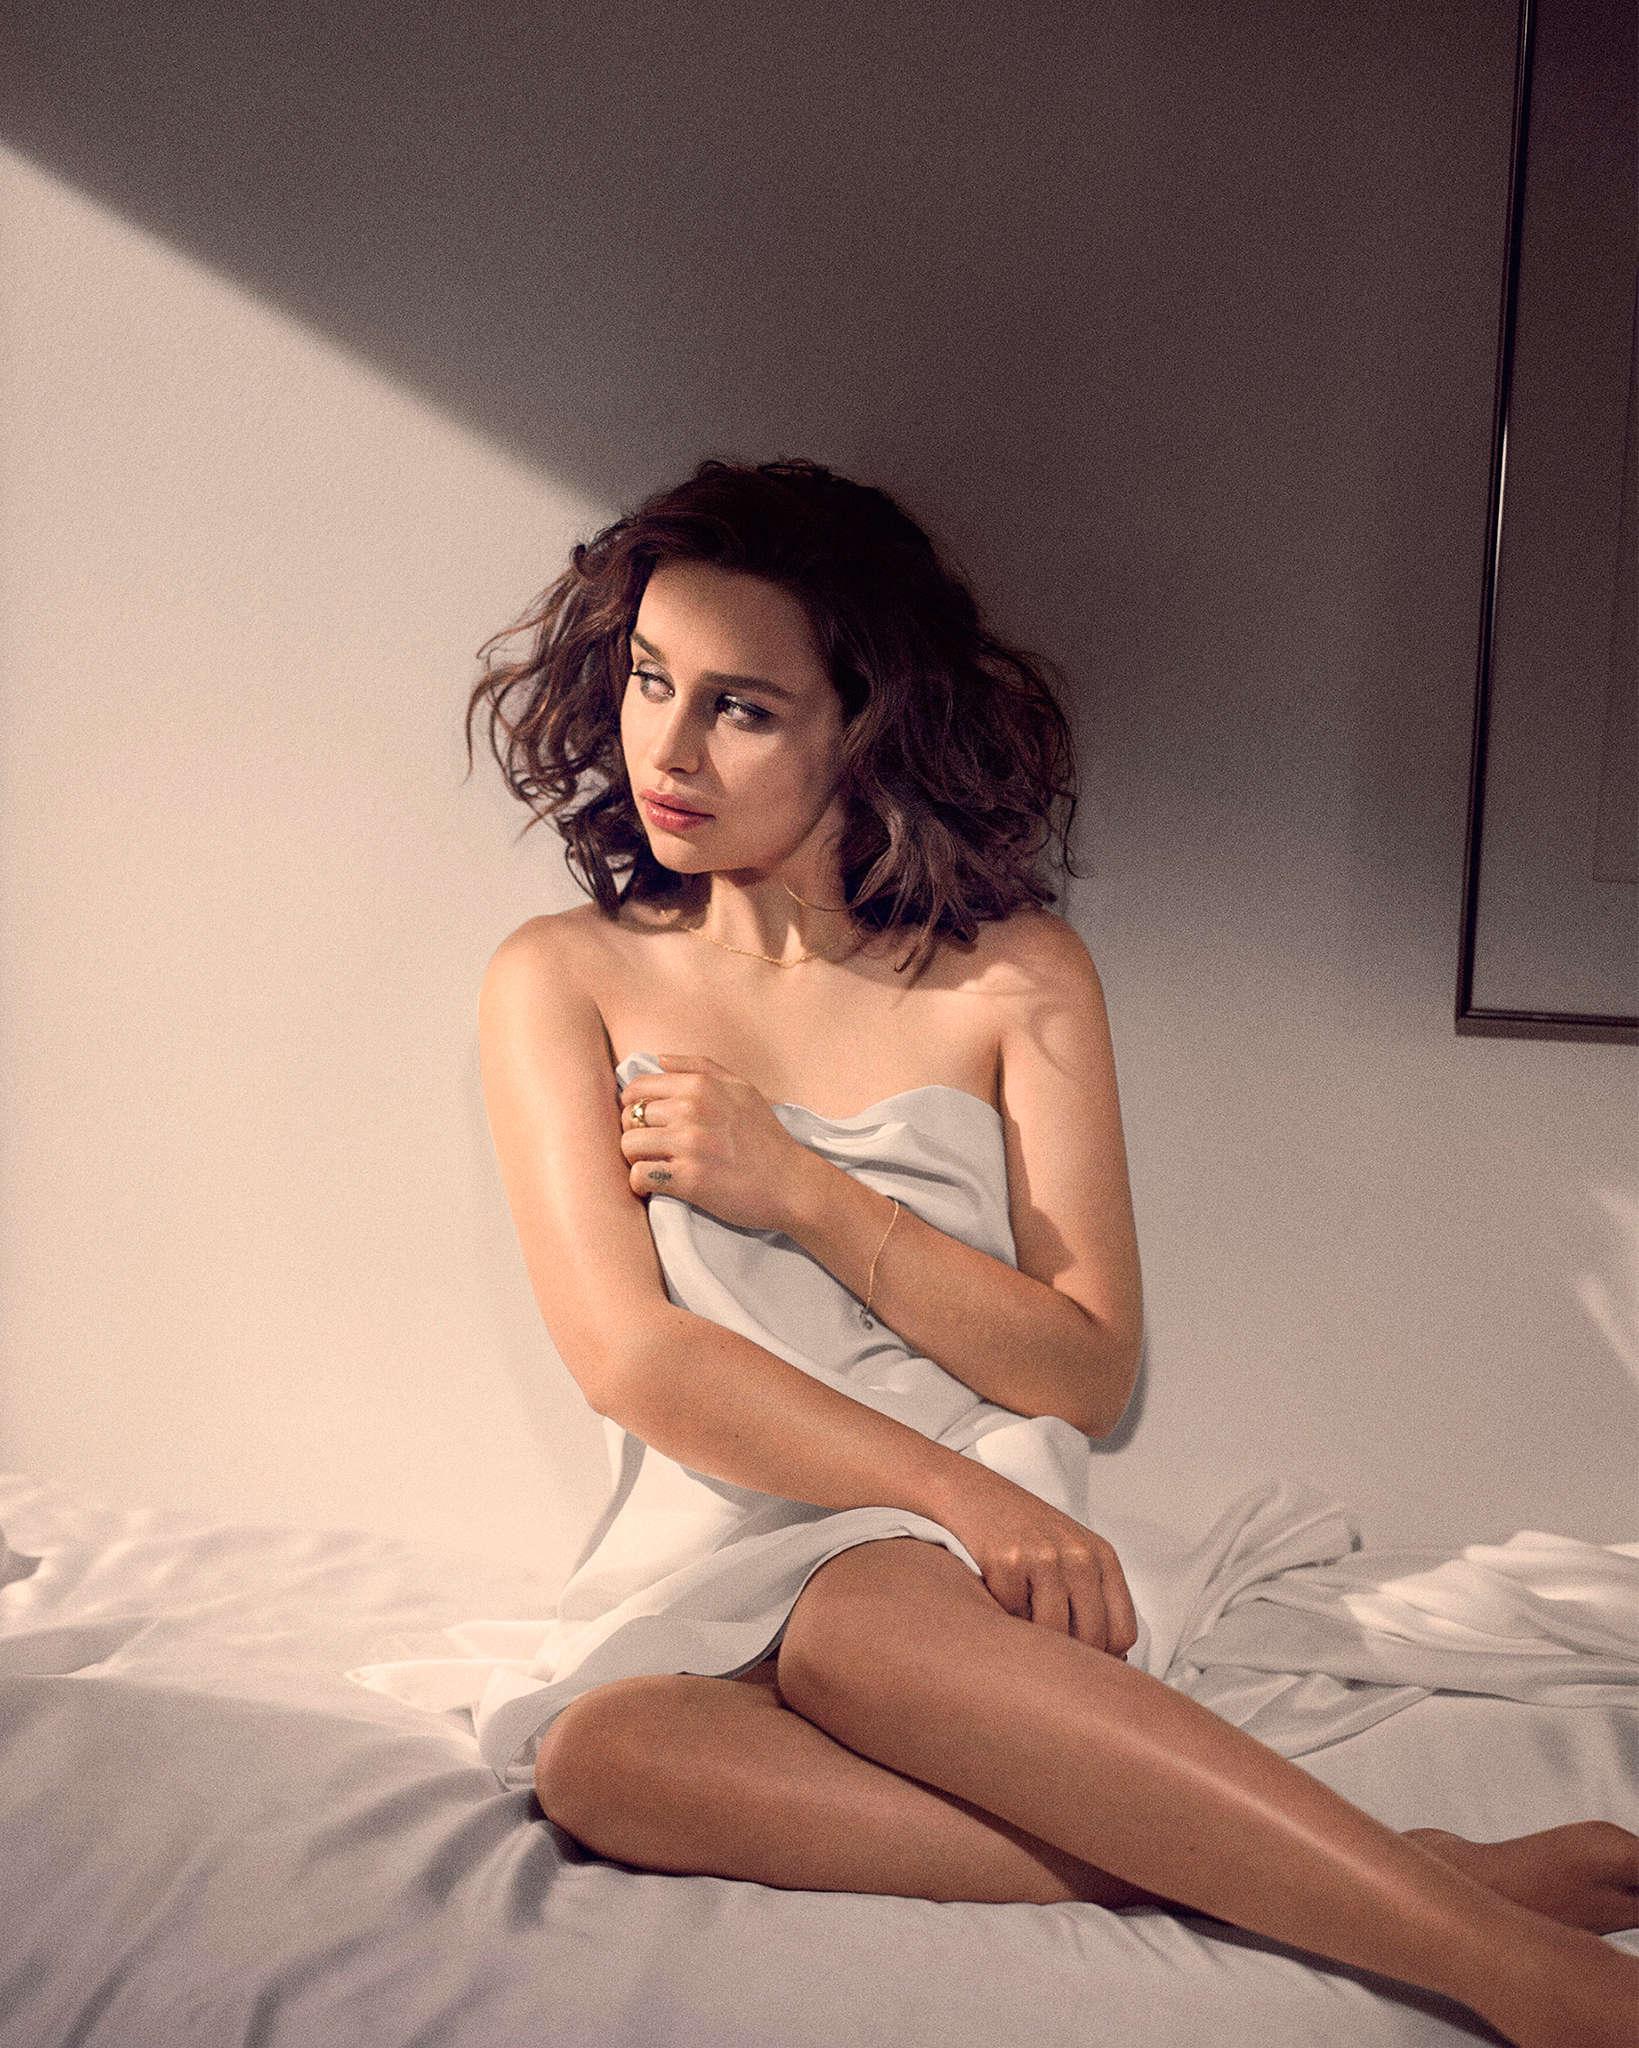 Журнал Esquire наэтой неделе назвал Эмилию Кларк самой сексуальной женщиной года. Поэтому пусть она побудет здесь ;) http://t.co/jXeXW0D9Wk